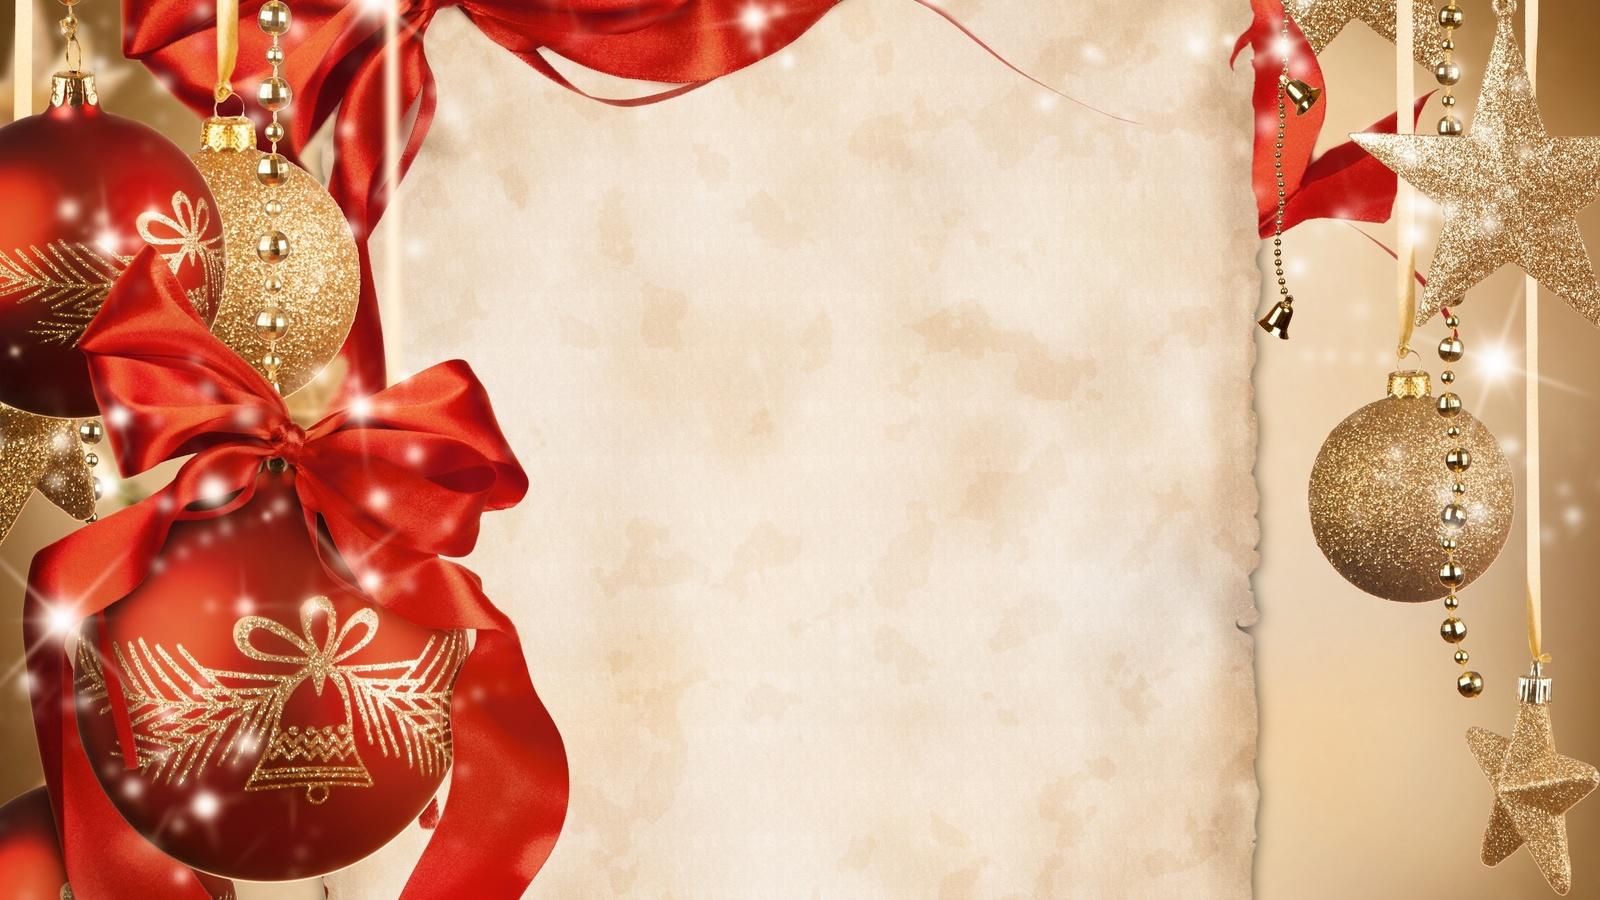 Фоновый рисунок для открытки с новым годом, поздравлением днем рождения